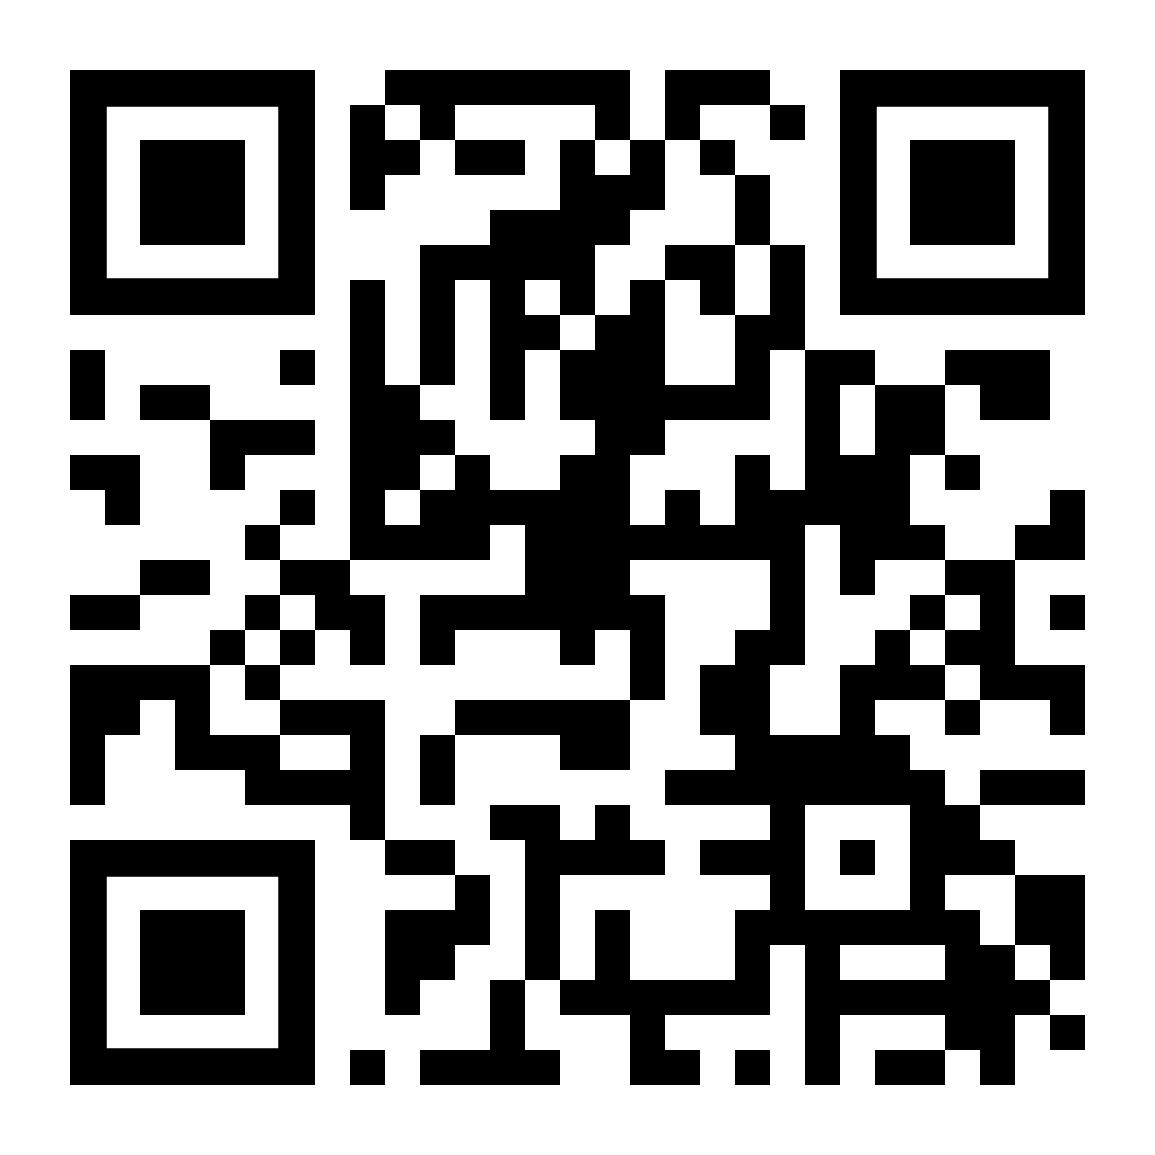 ジャーナリズム特別講演会「香港デモと情報戦略 メディアの役割と報道のあり方を考える」を10月17日(木)18時45分から開催